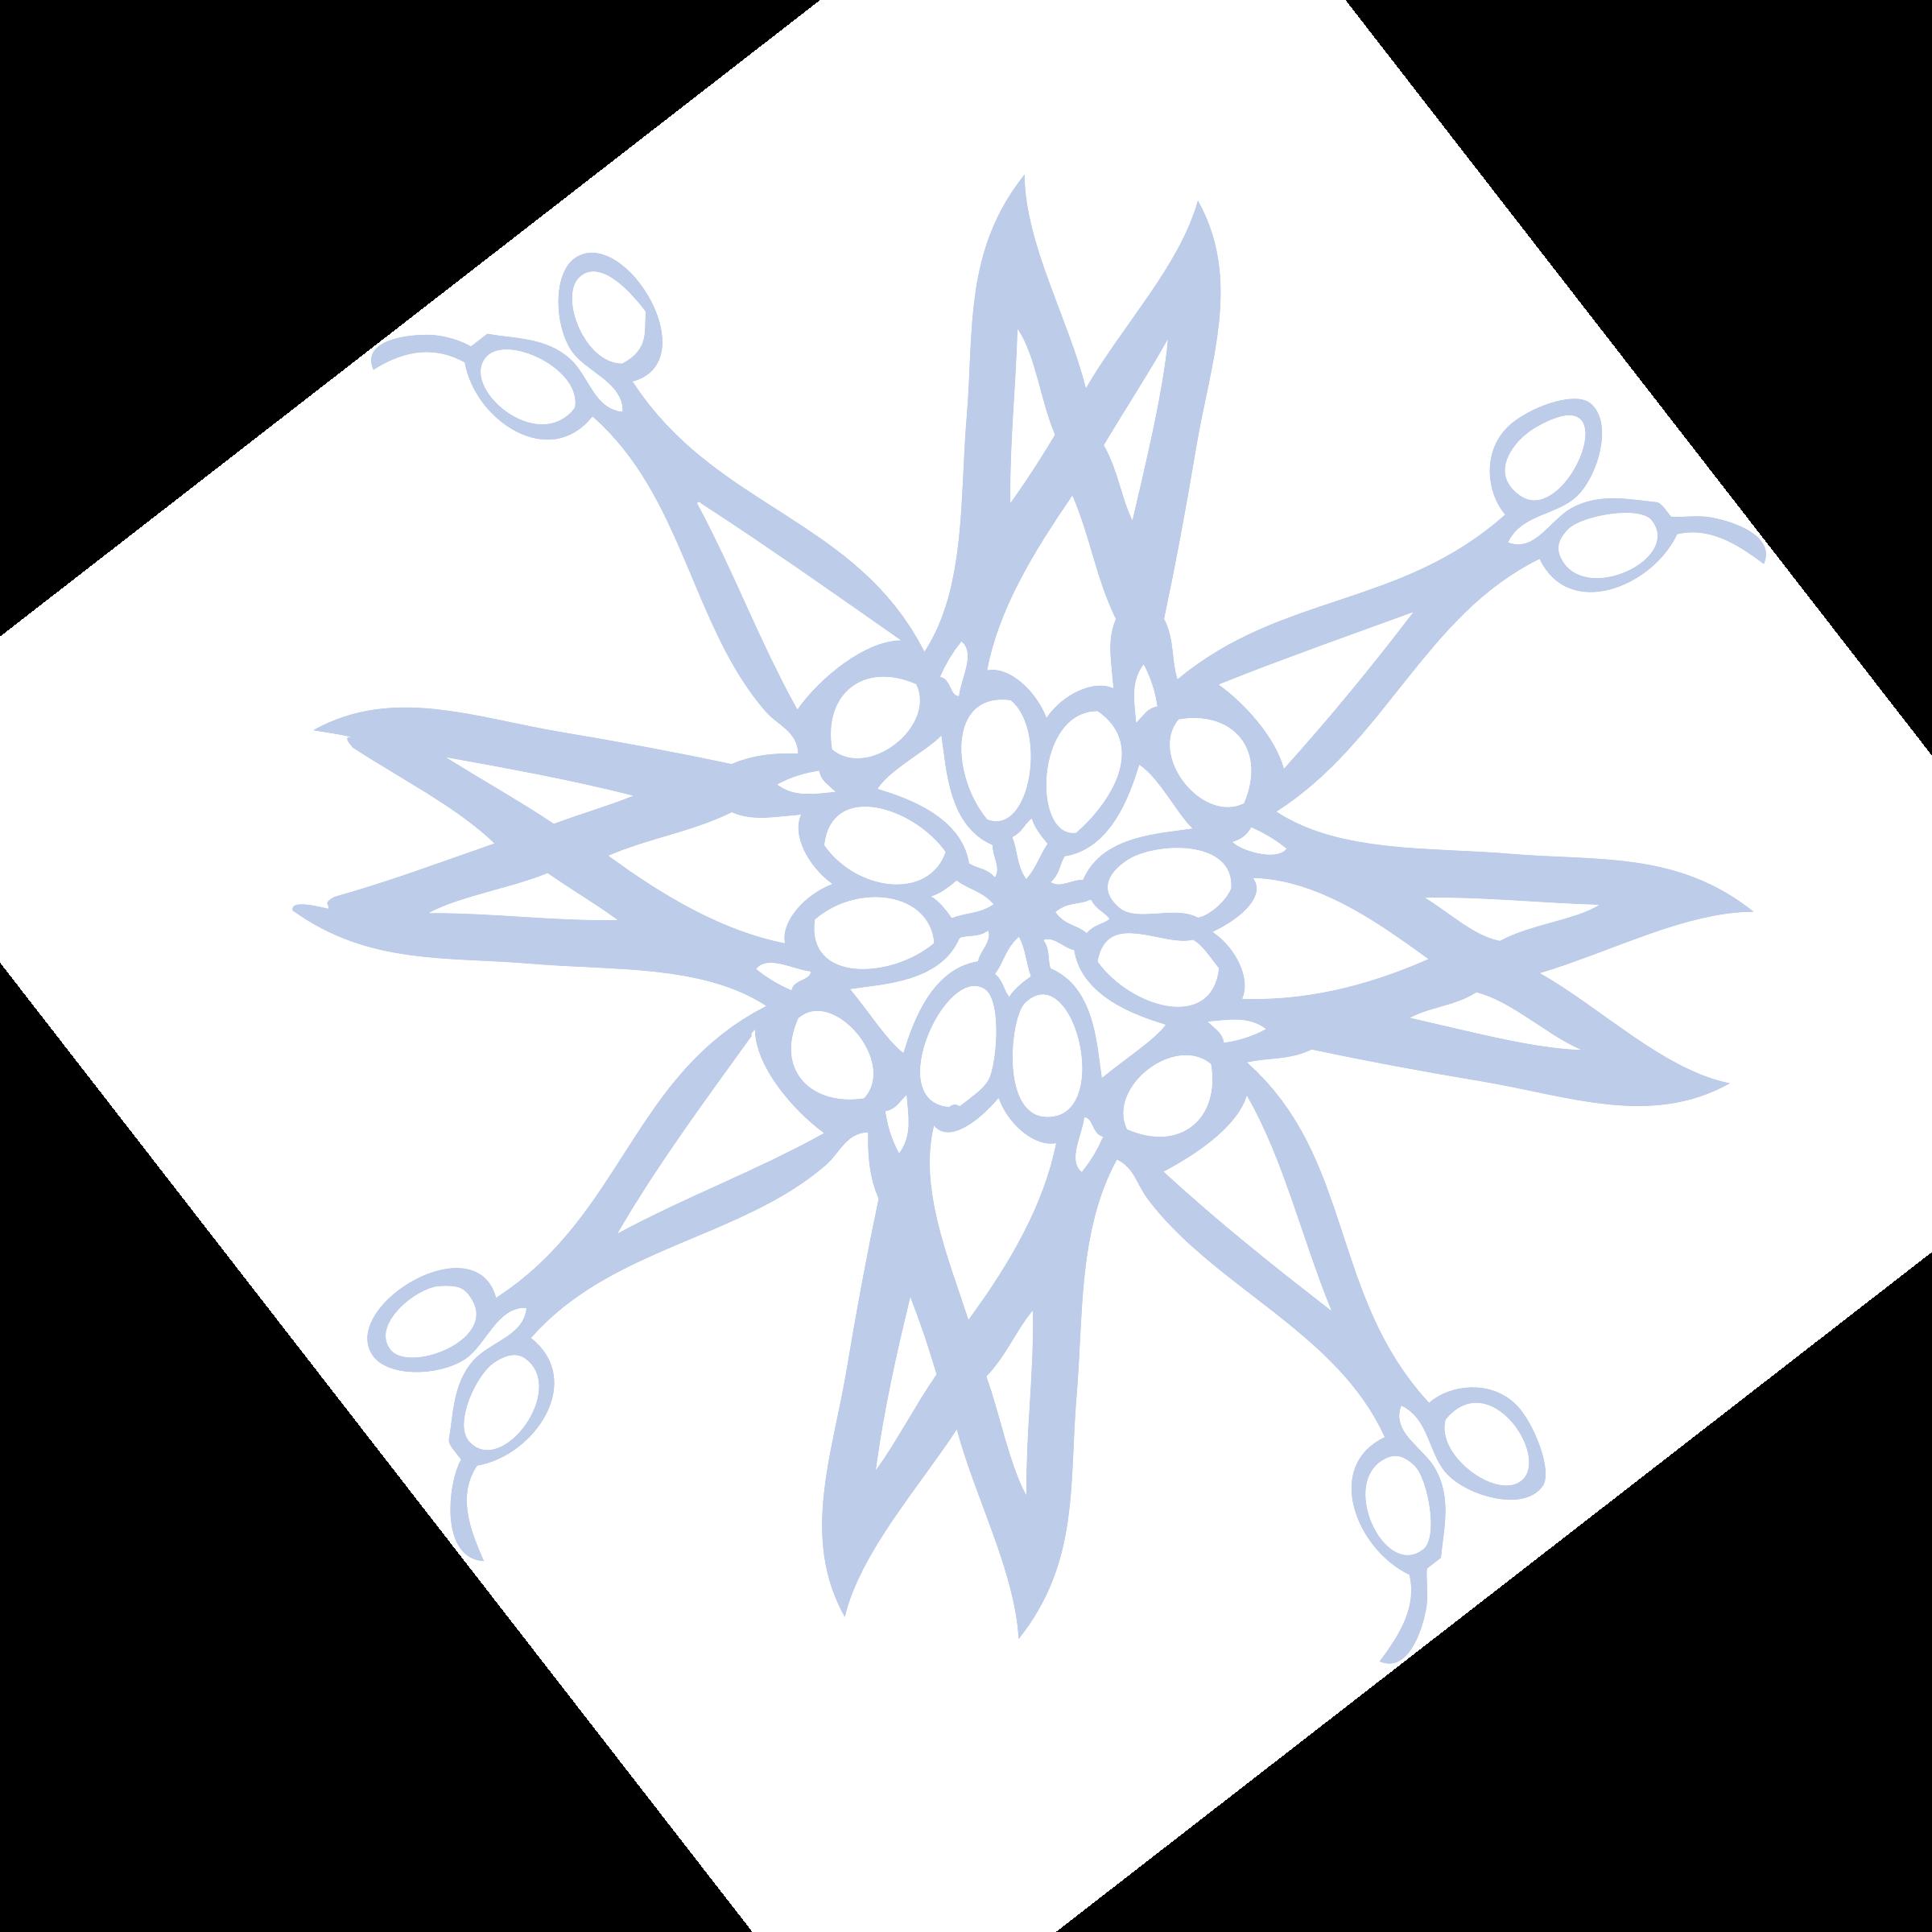 Clipart snowflake cut out. Hair cutting scissors blue